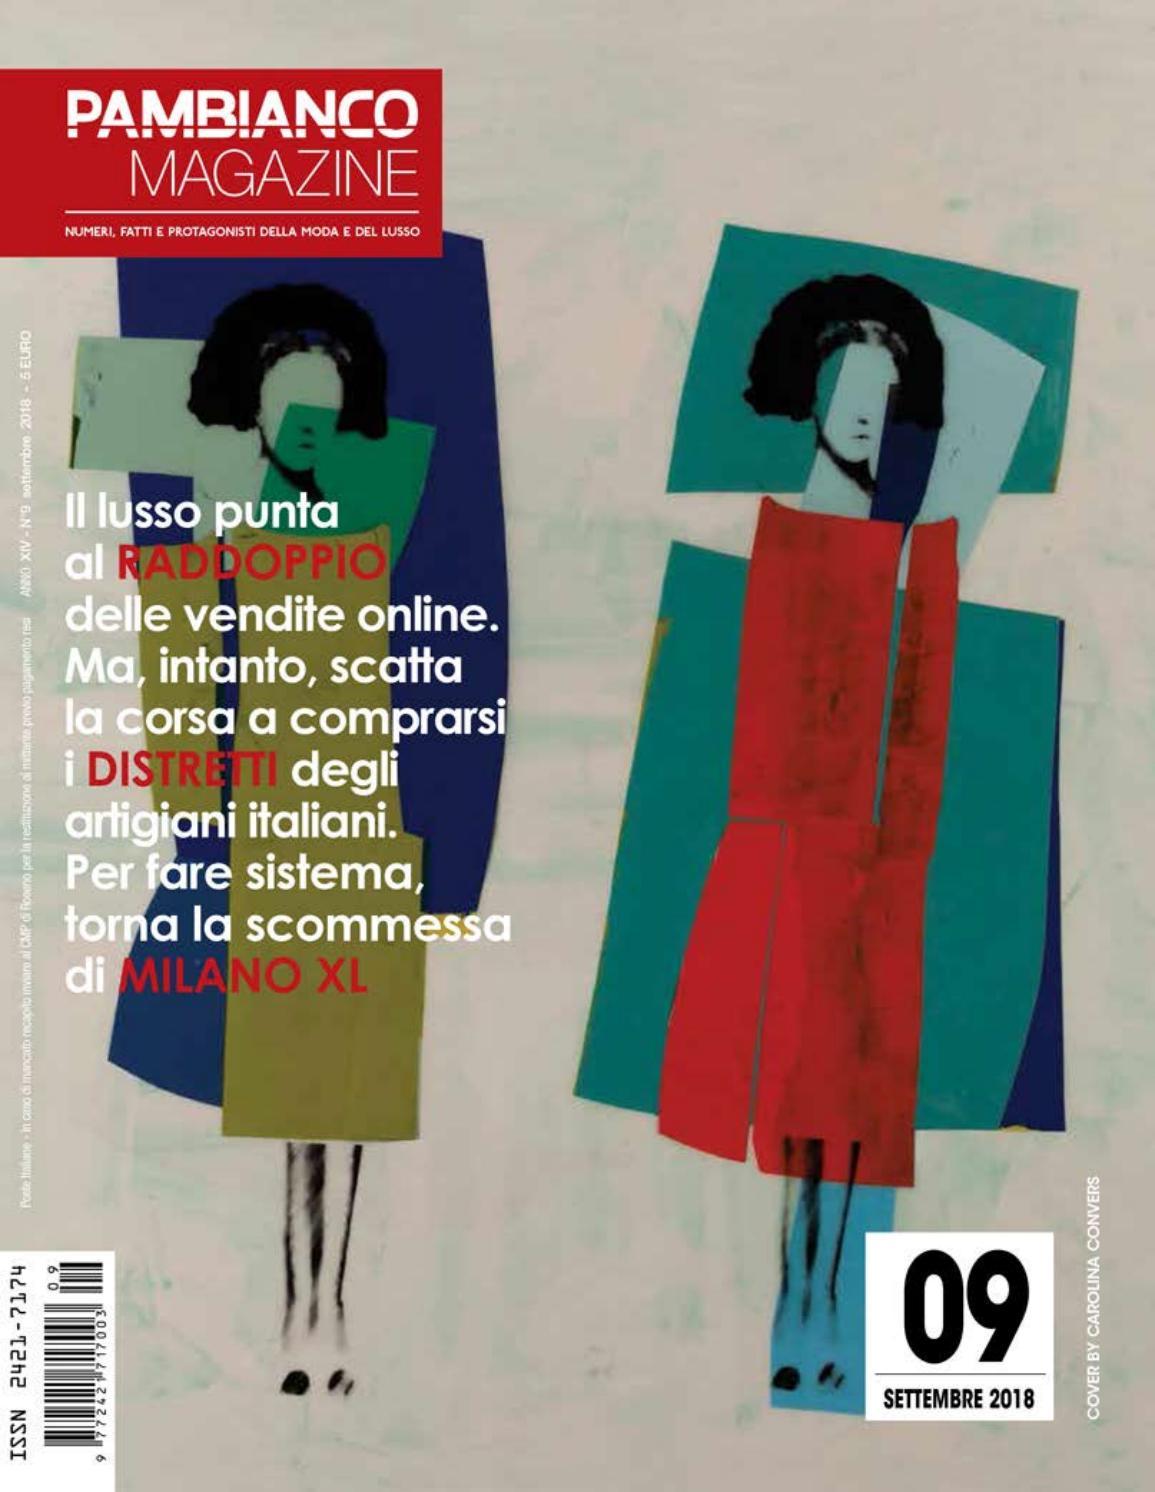 Pambianco magazine 9 XIV by Pambianconews - issuu 0b79beb9249